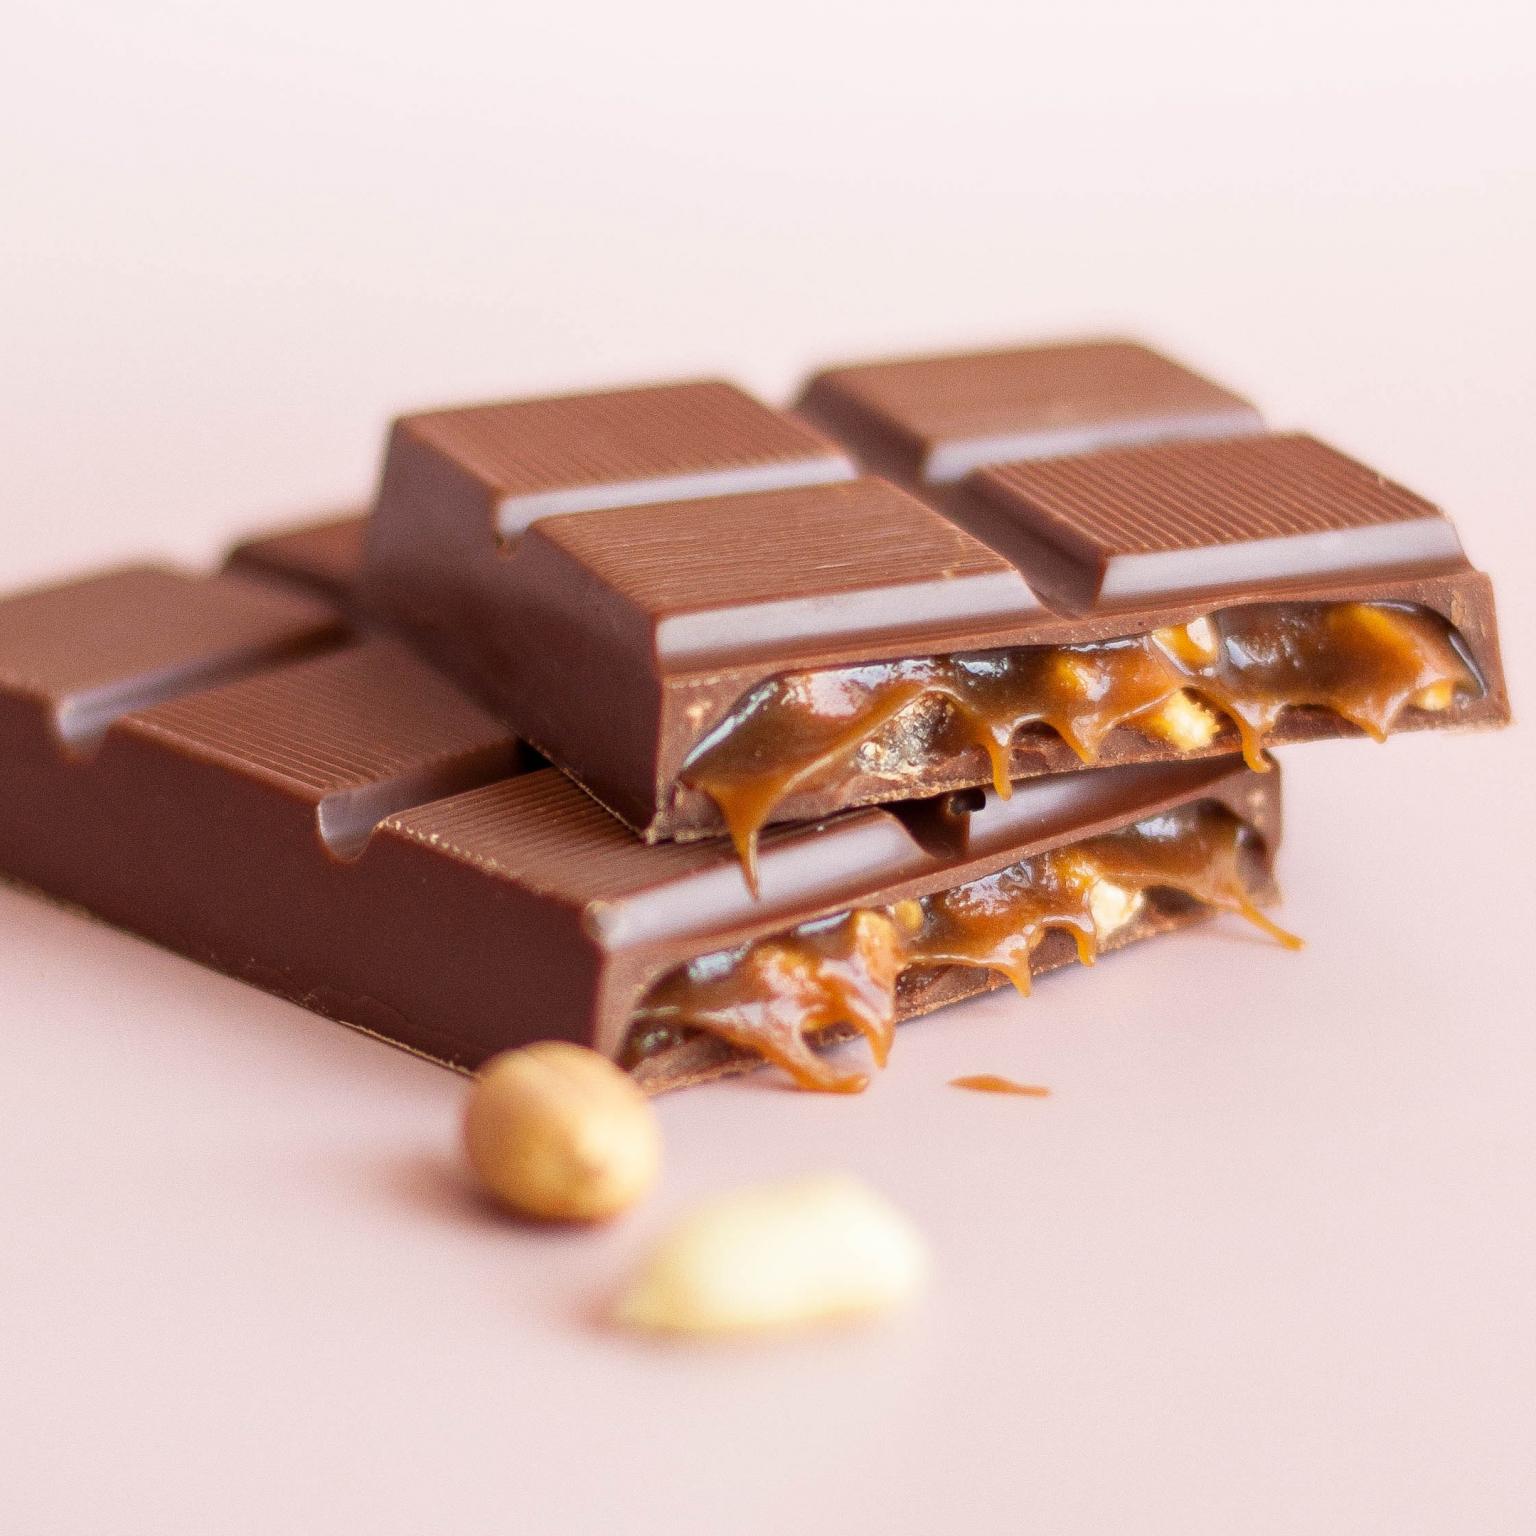 """Молочный шоколад с начинкой """"Соленая карамель и арахис"""" 65 г Lubaica"""